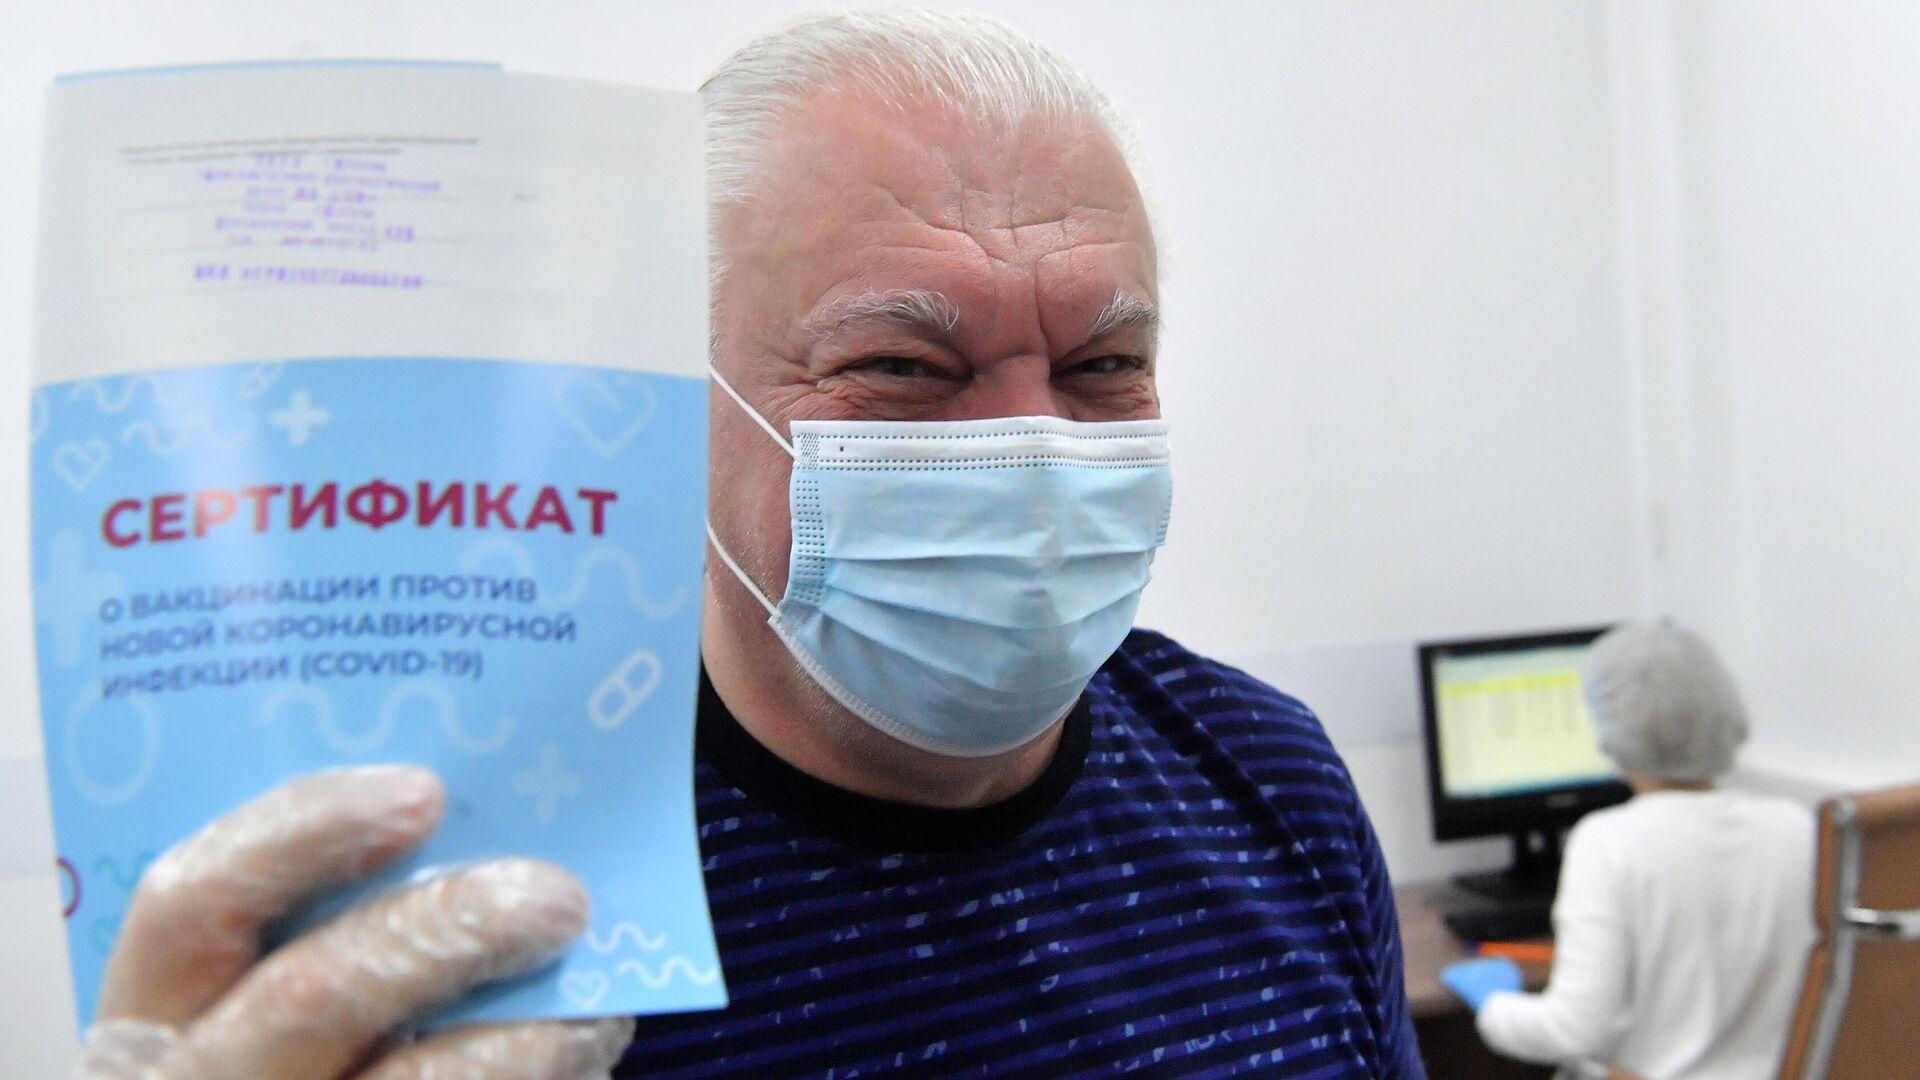 Пожилой мужчина демонстрирует сертификат о вакцинации против новой короновирусной инфекции (COVID-19), полученный после прививки в центре госуслуг Мои документы - РИА Новости, 1920, 14.05.2021